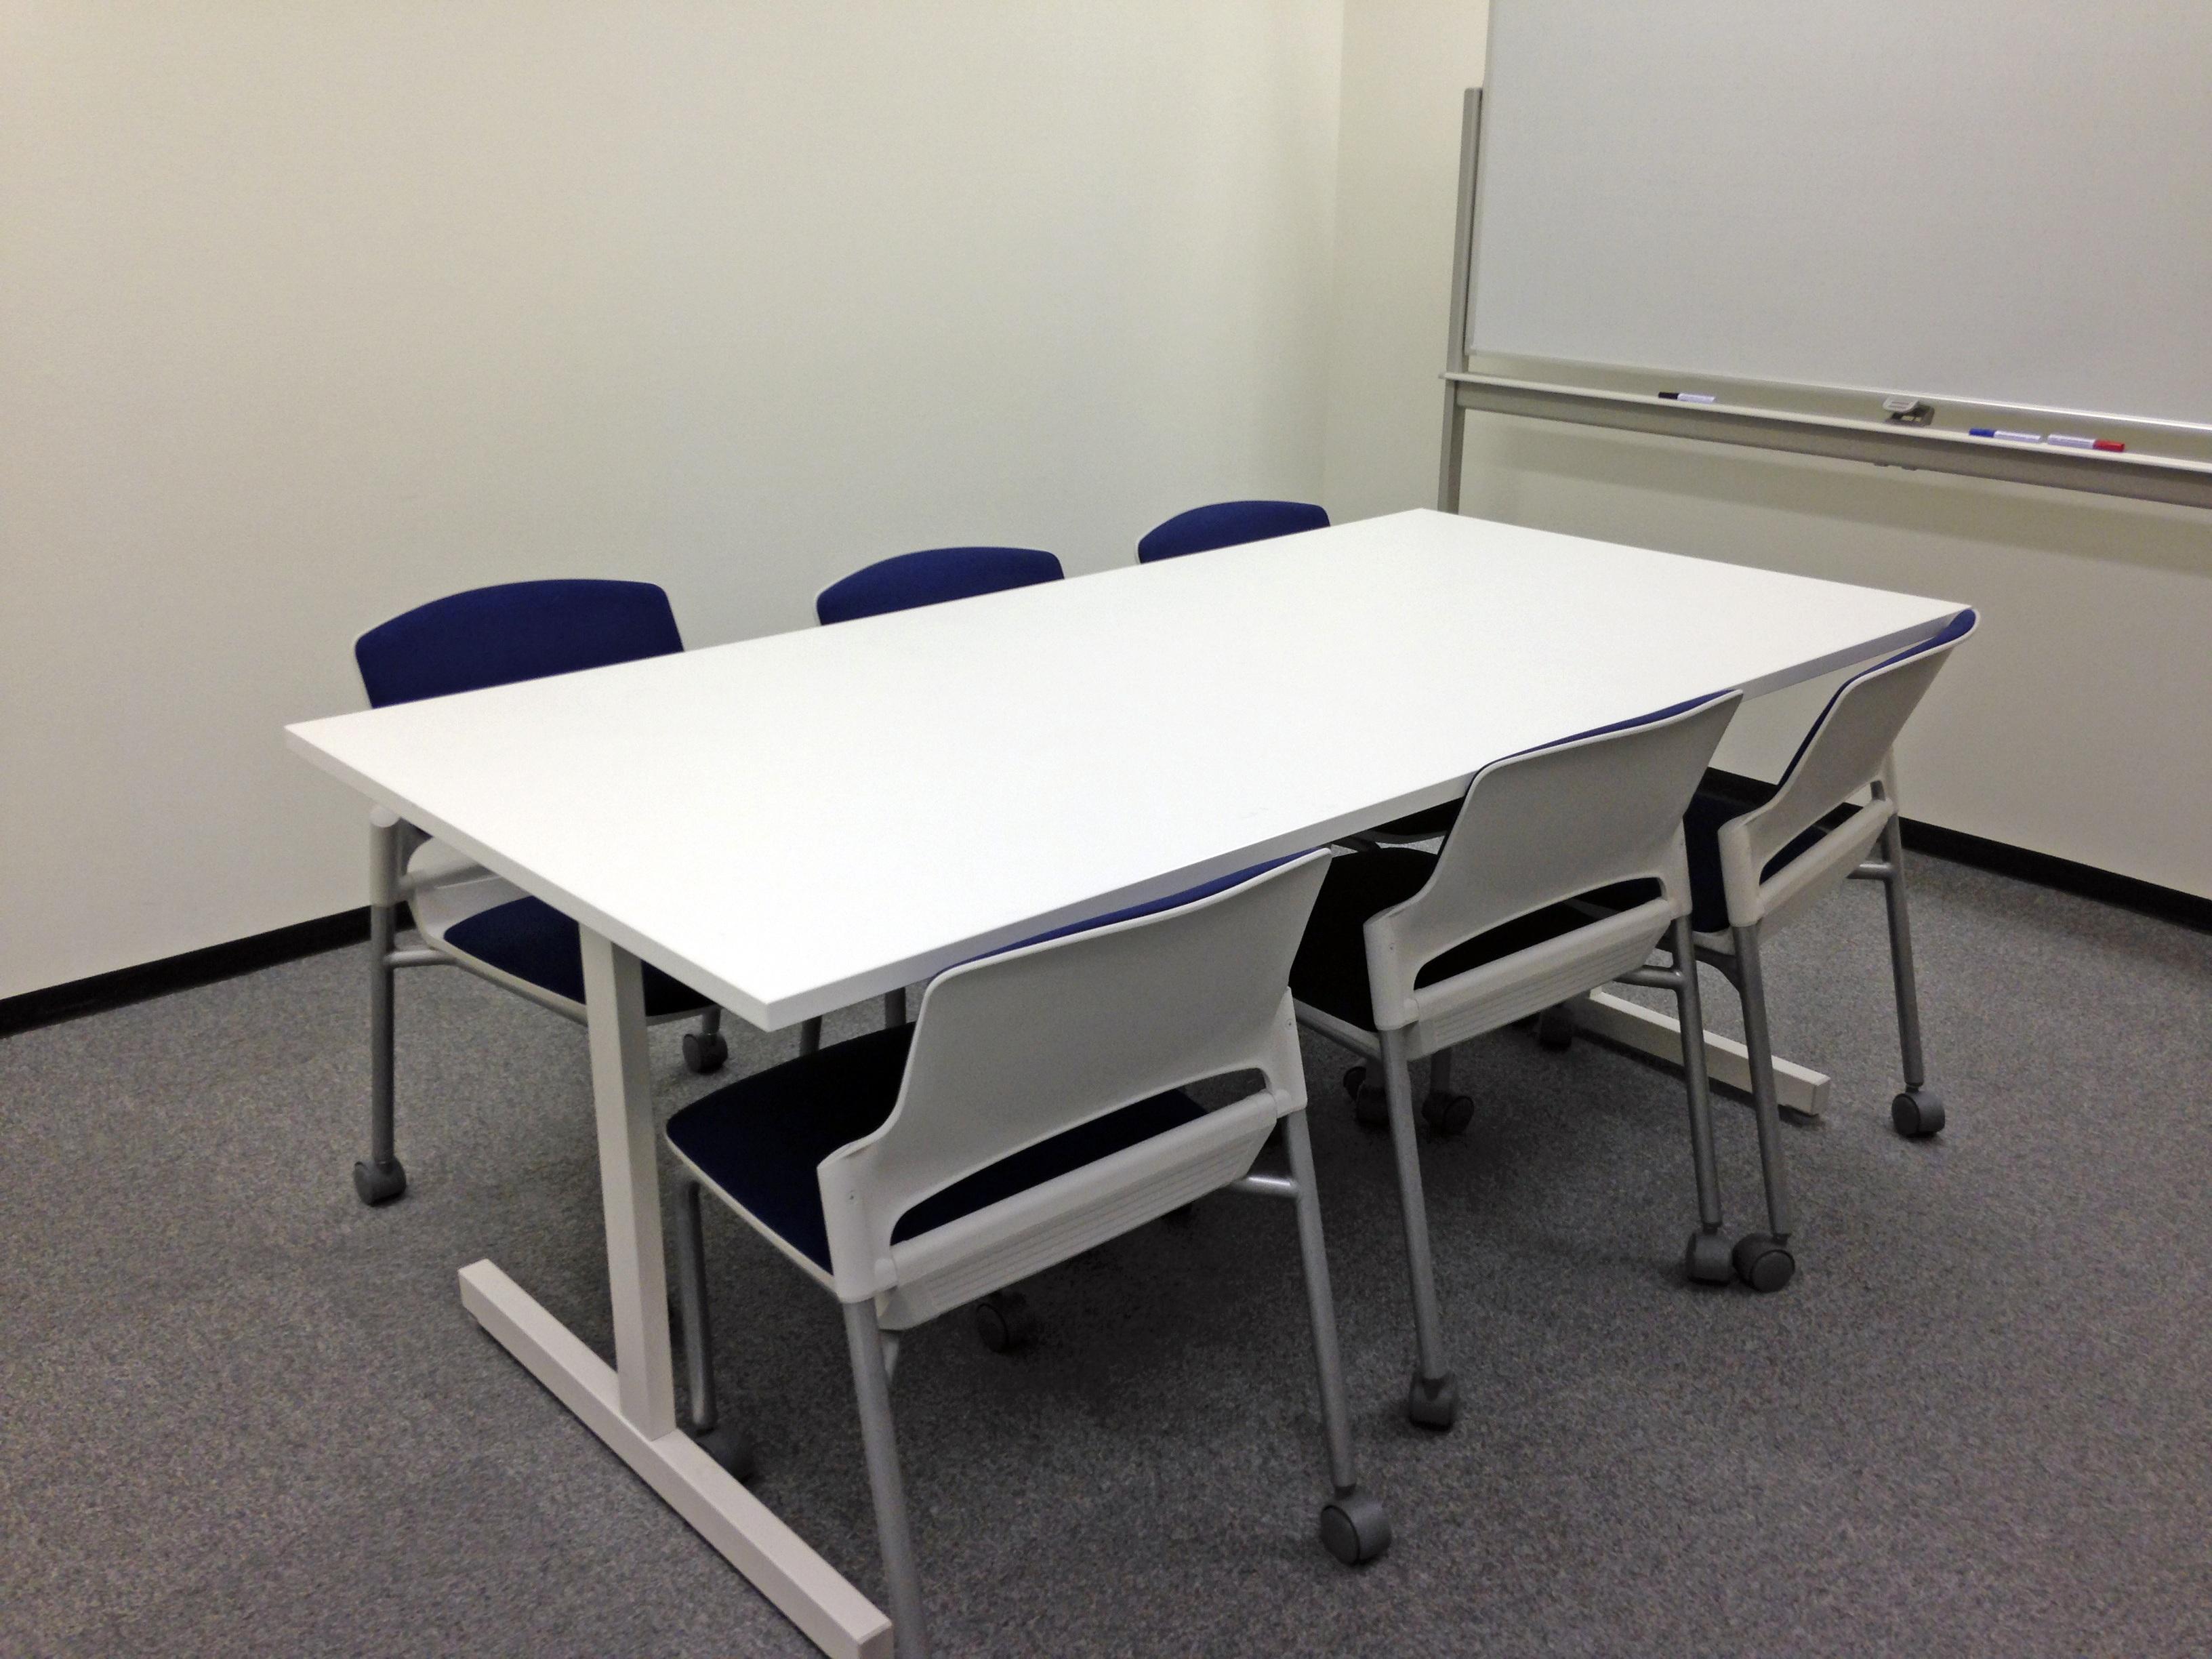 Fotos gratis : escritorio, mesa, silla, piso, espacio, oficina ...